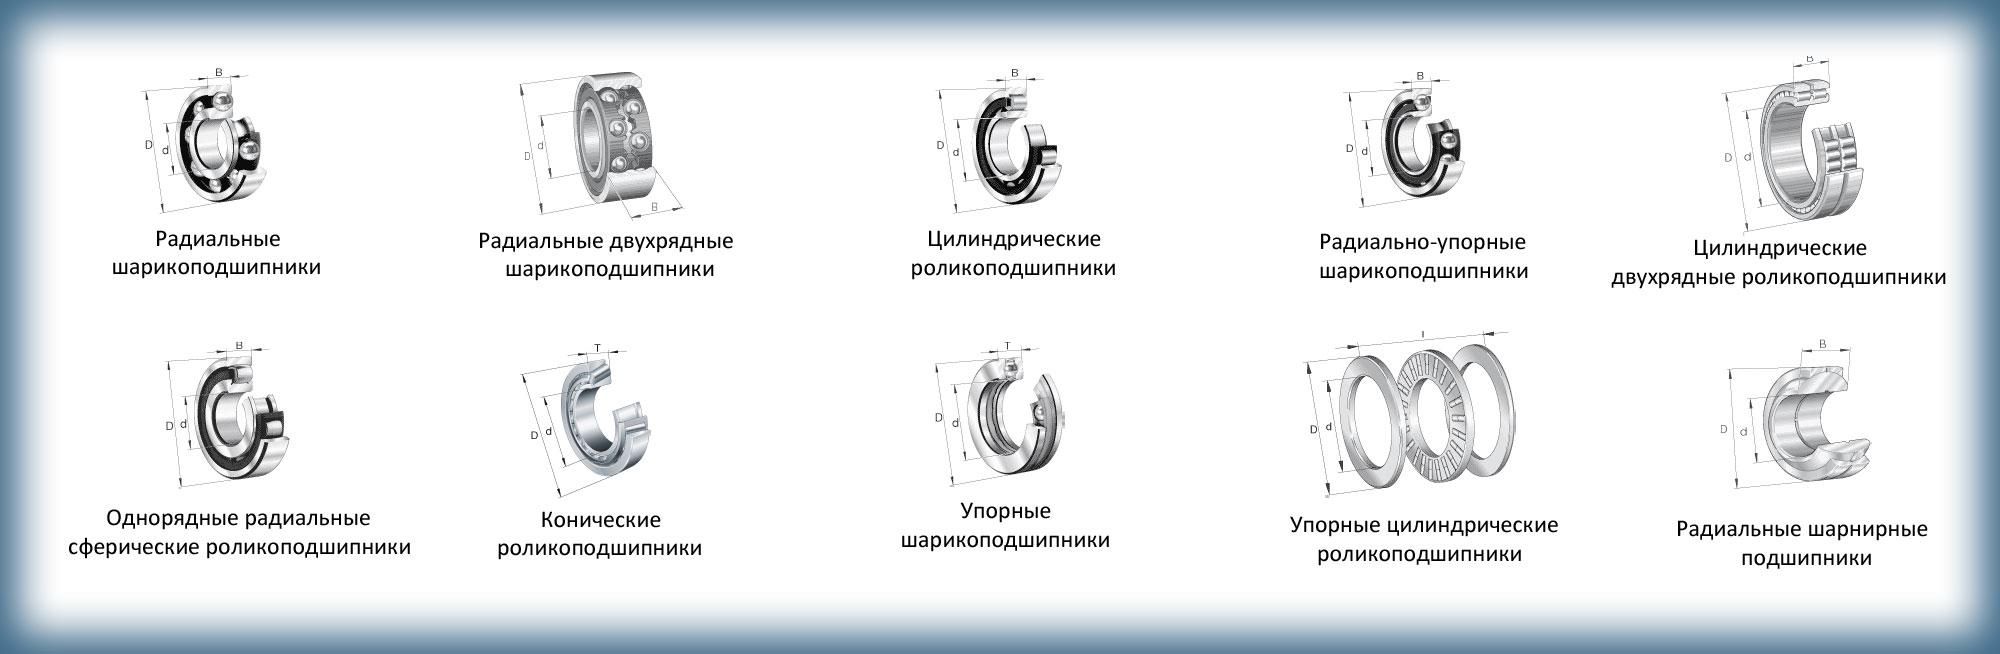 Расшифровка подшипников. классификация и маркировка подшипников